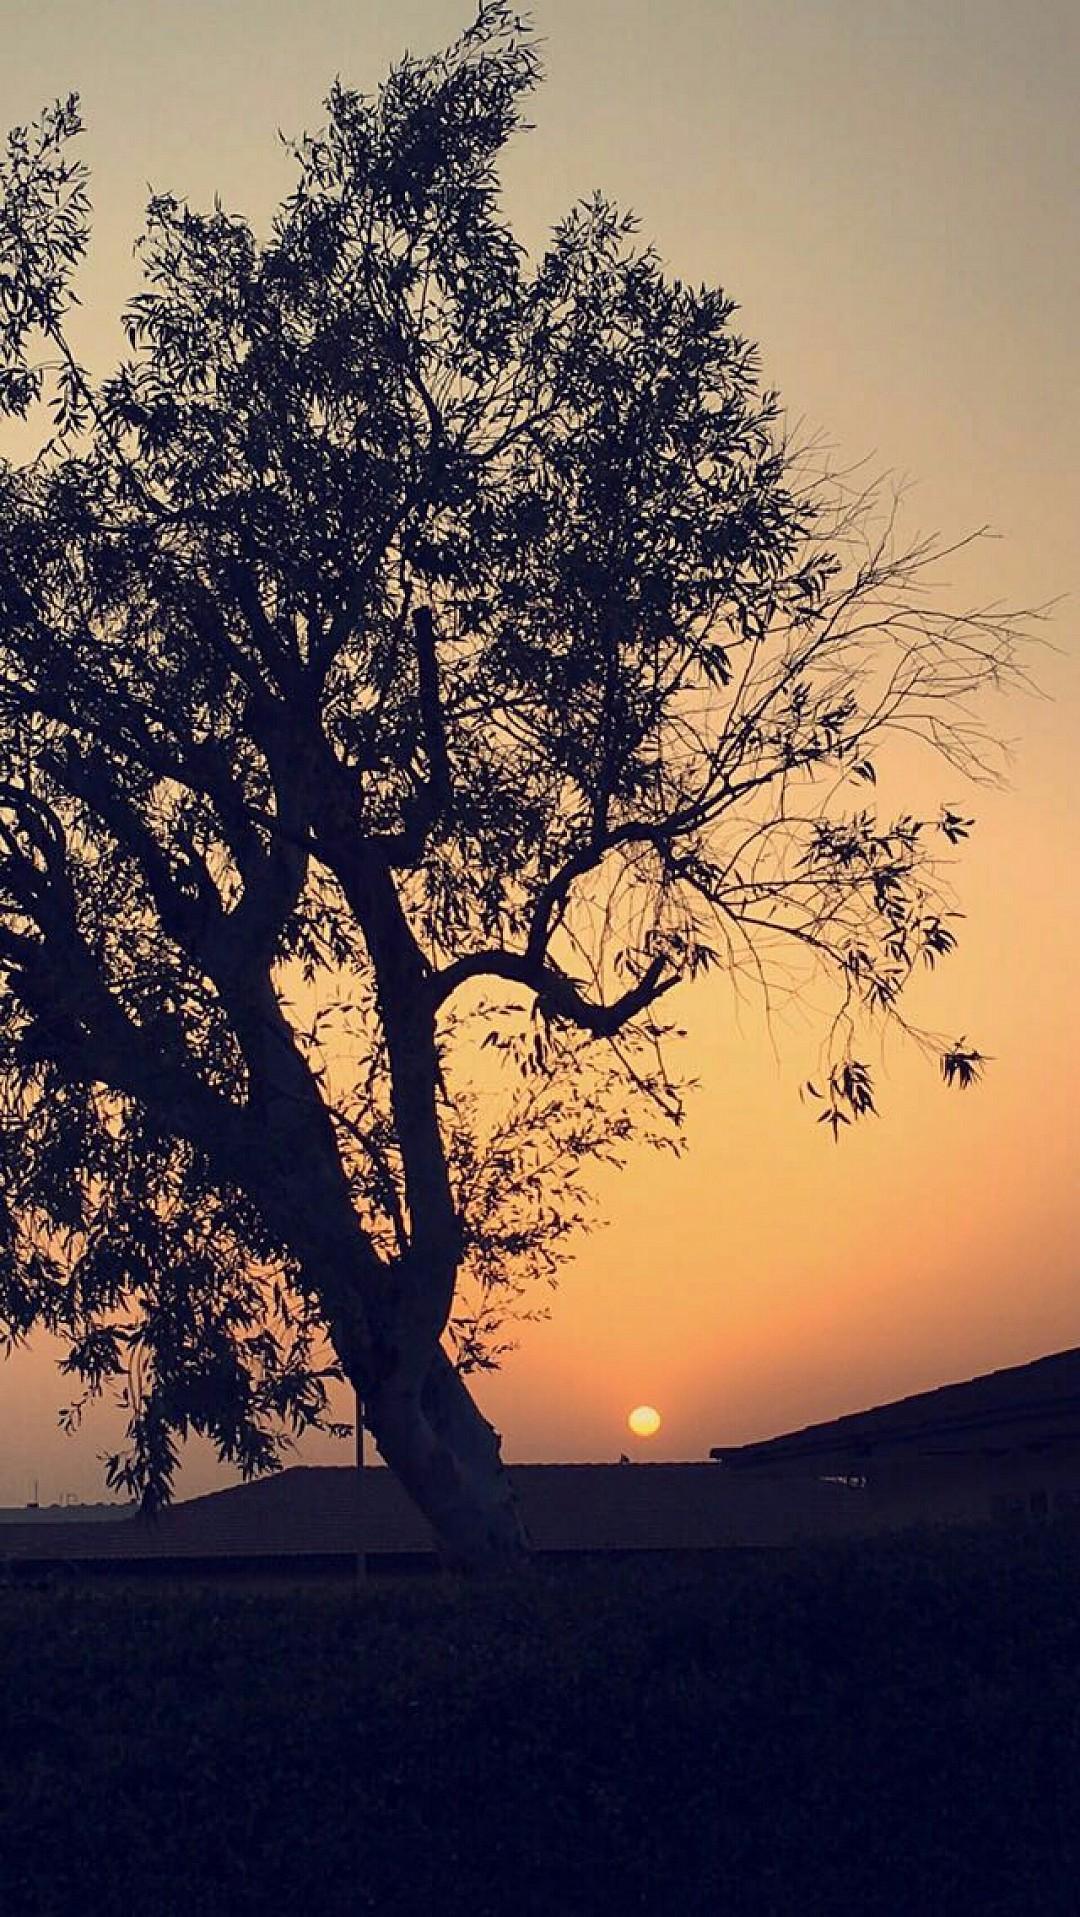 من مشاهد مدينة #عوالي الجميلة @ Esquires Cafe - Bahrain